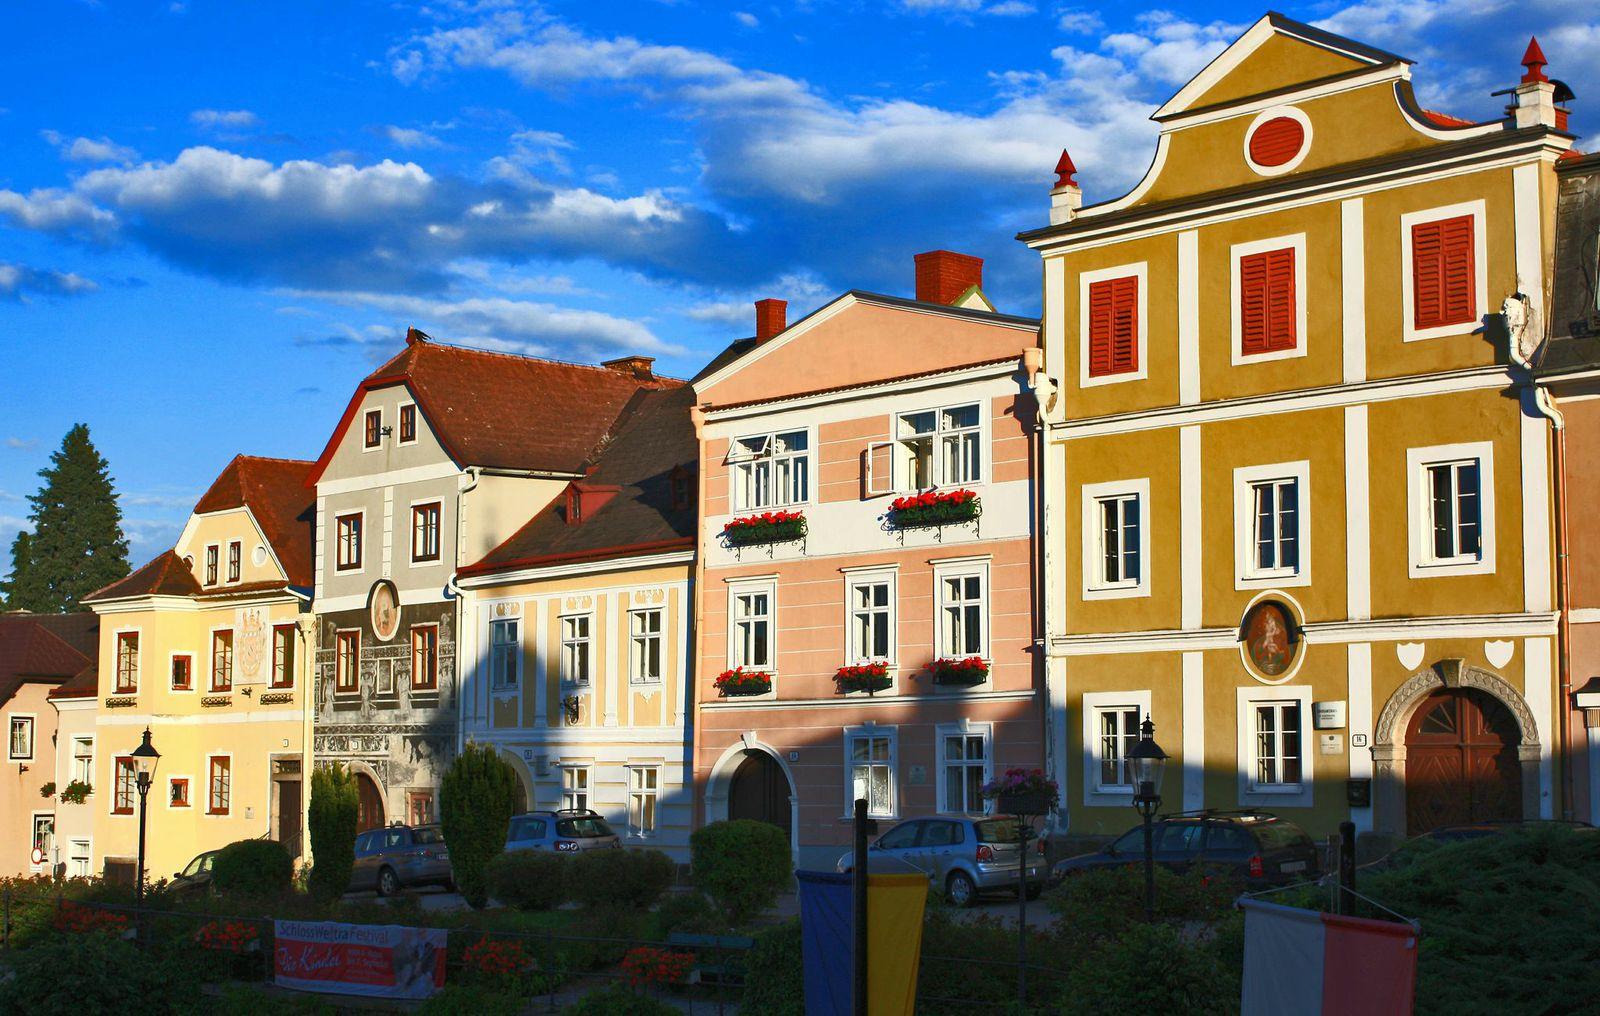 Stadtfhrungen - Stadtgemeinde Weitra - Niedersterreich